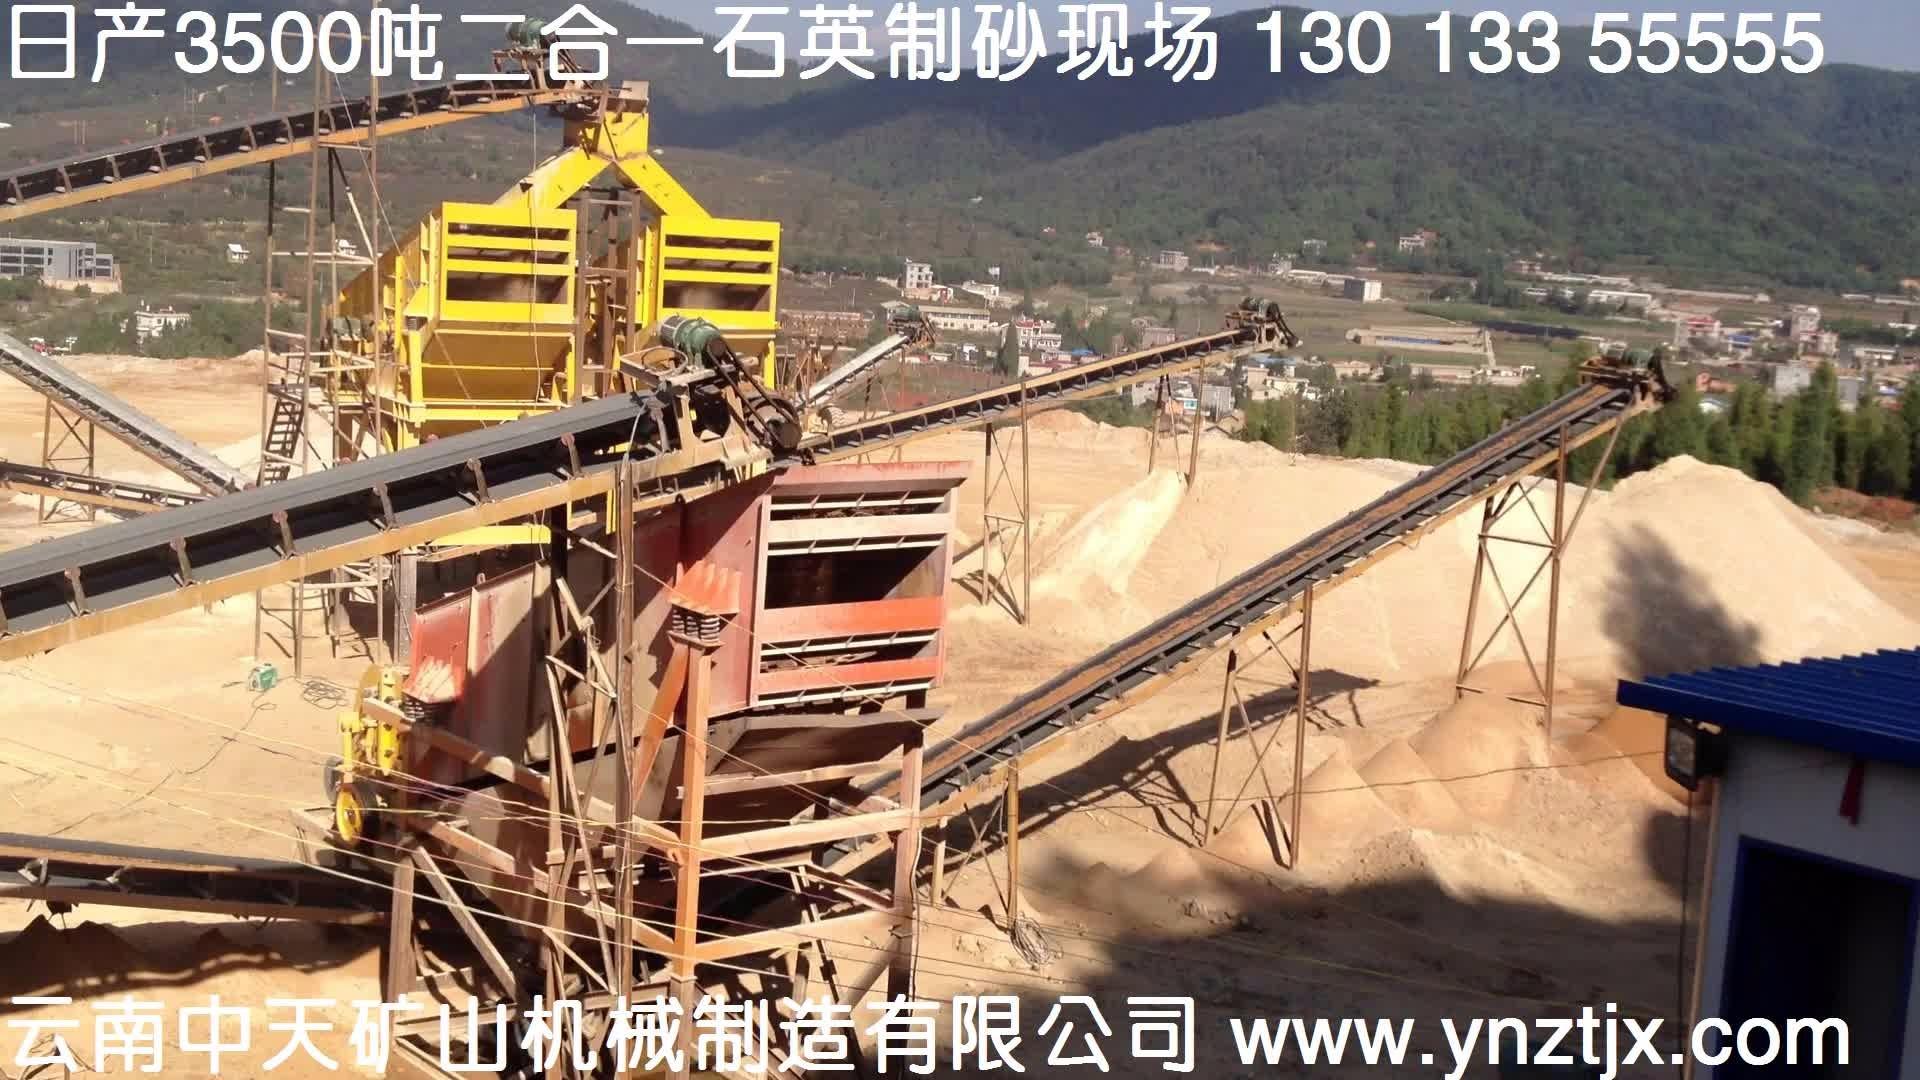 云南日产3500吨3台manbetx官网电脑版制砂生产线现场六